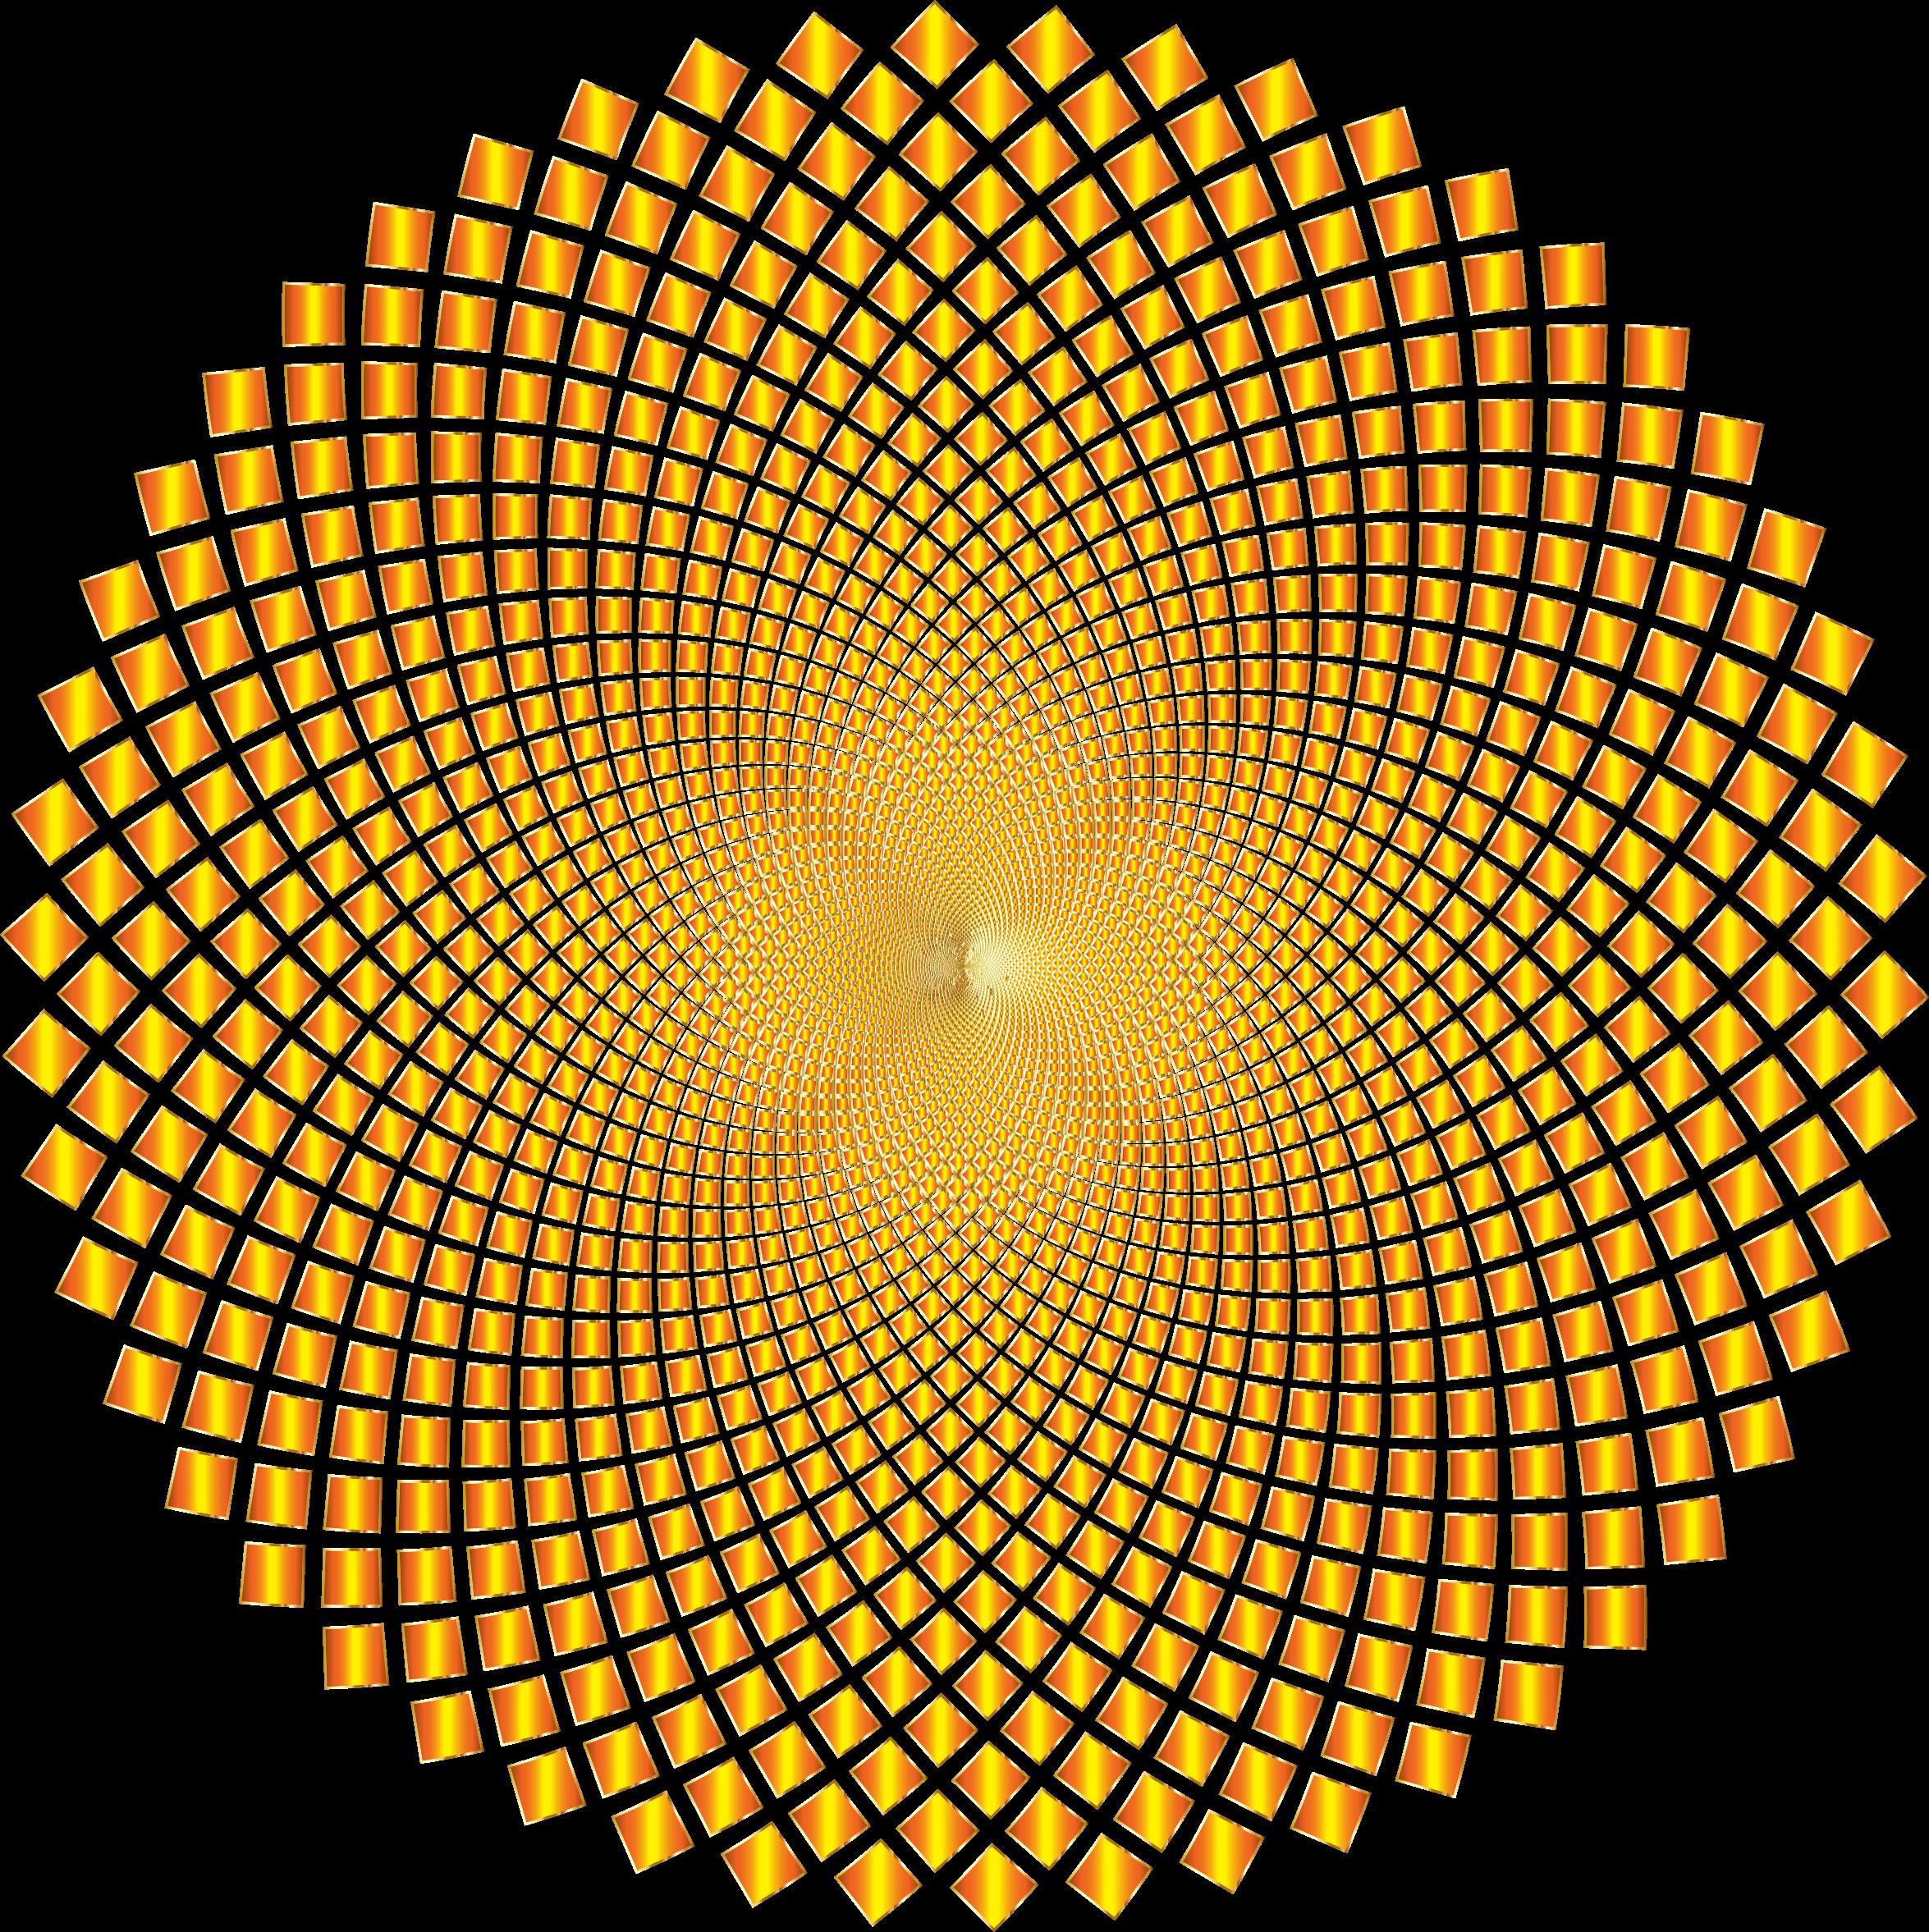 Clipart eyes hypnotized. Hypnotic checkerboard vortex no